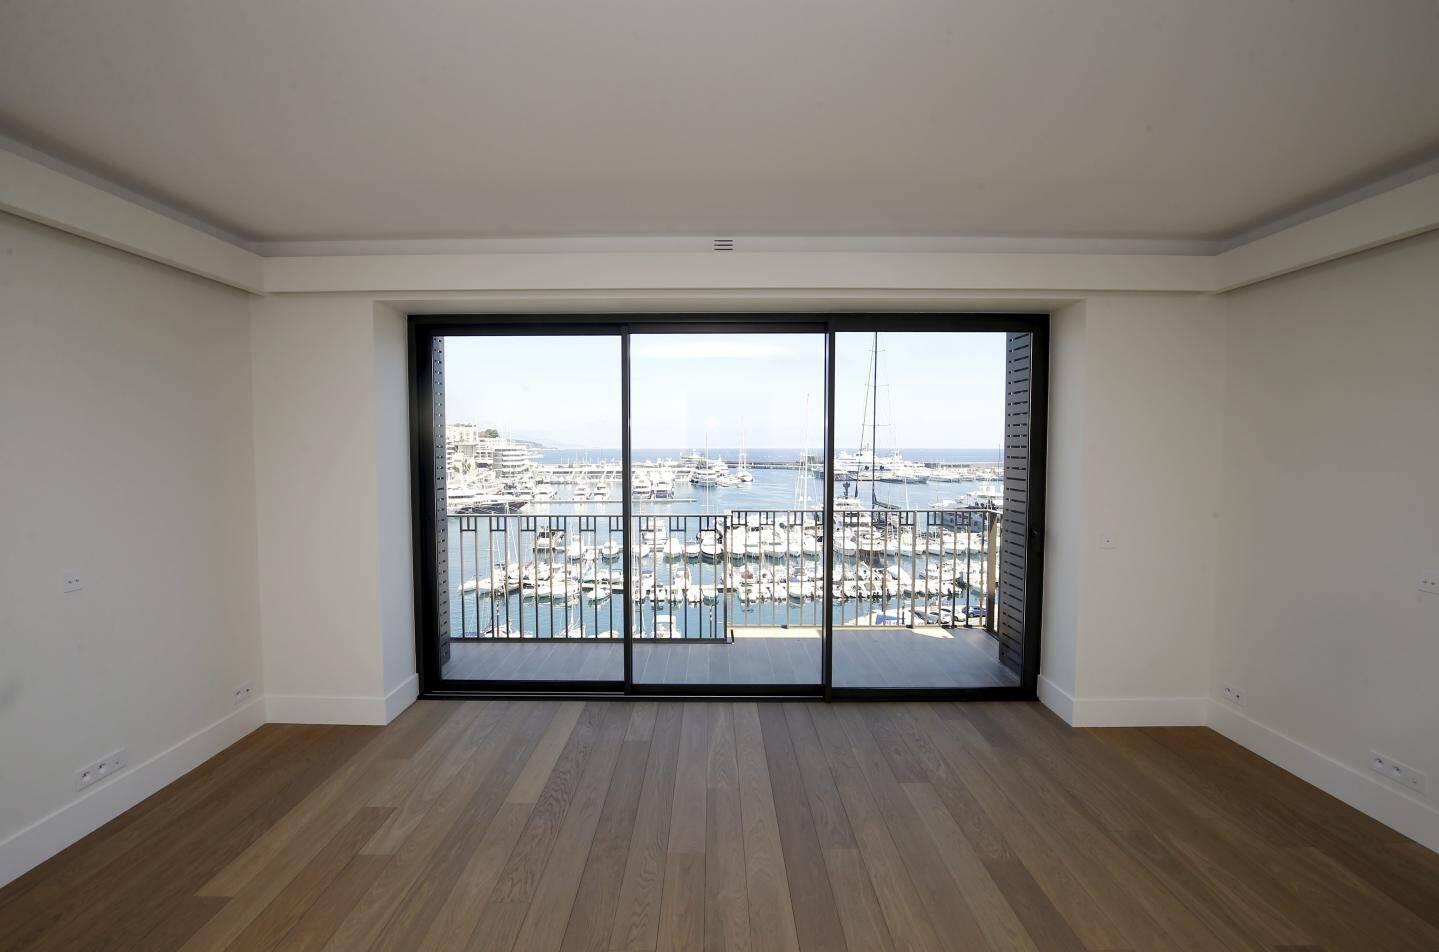 Les architectes ont travaillé les ouvertures pour donner l'impression d'un paysage encadré pour les vues vers le port Hercule.